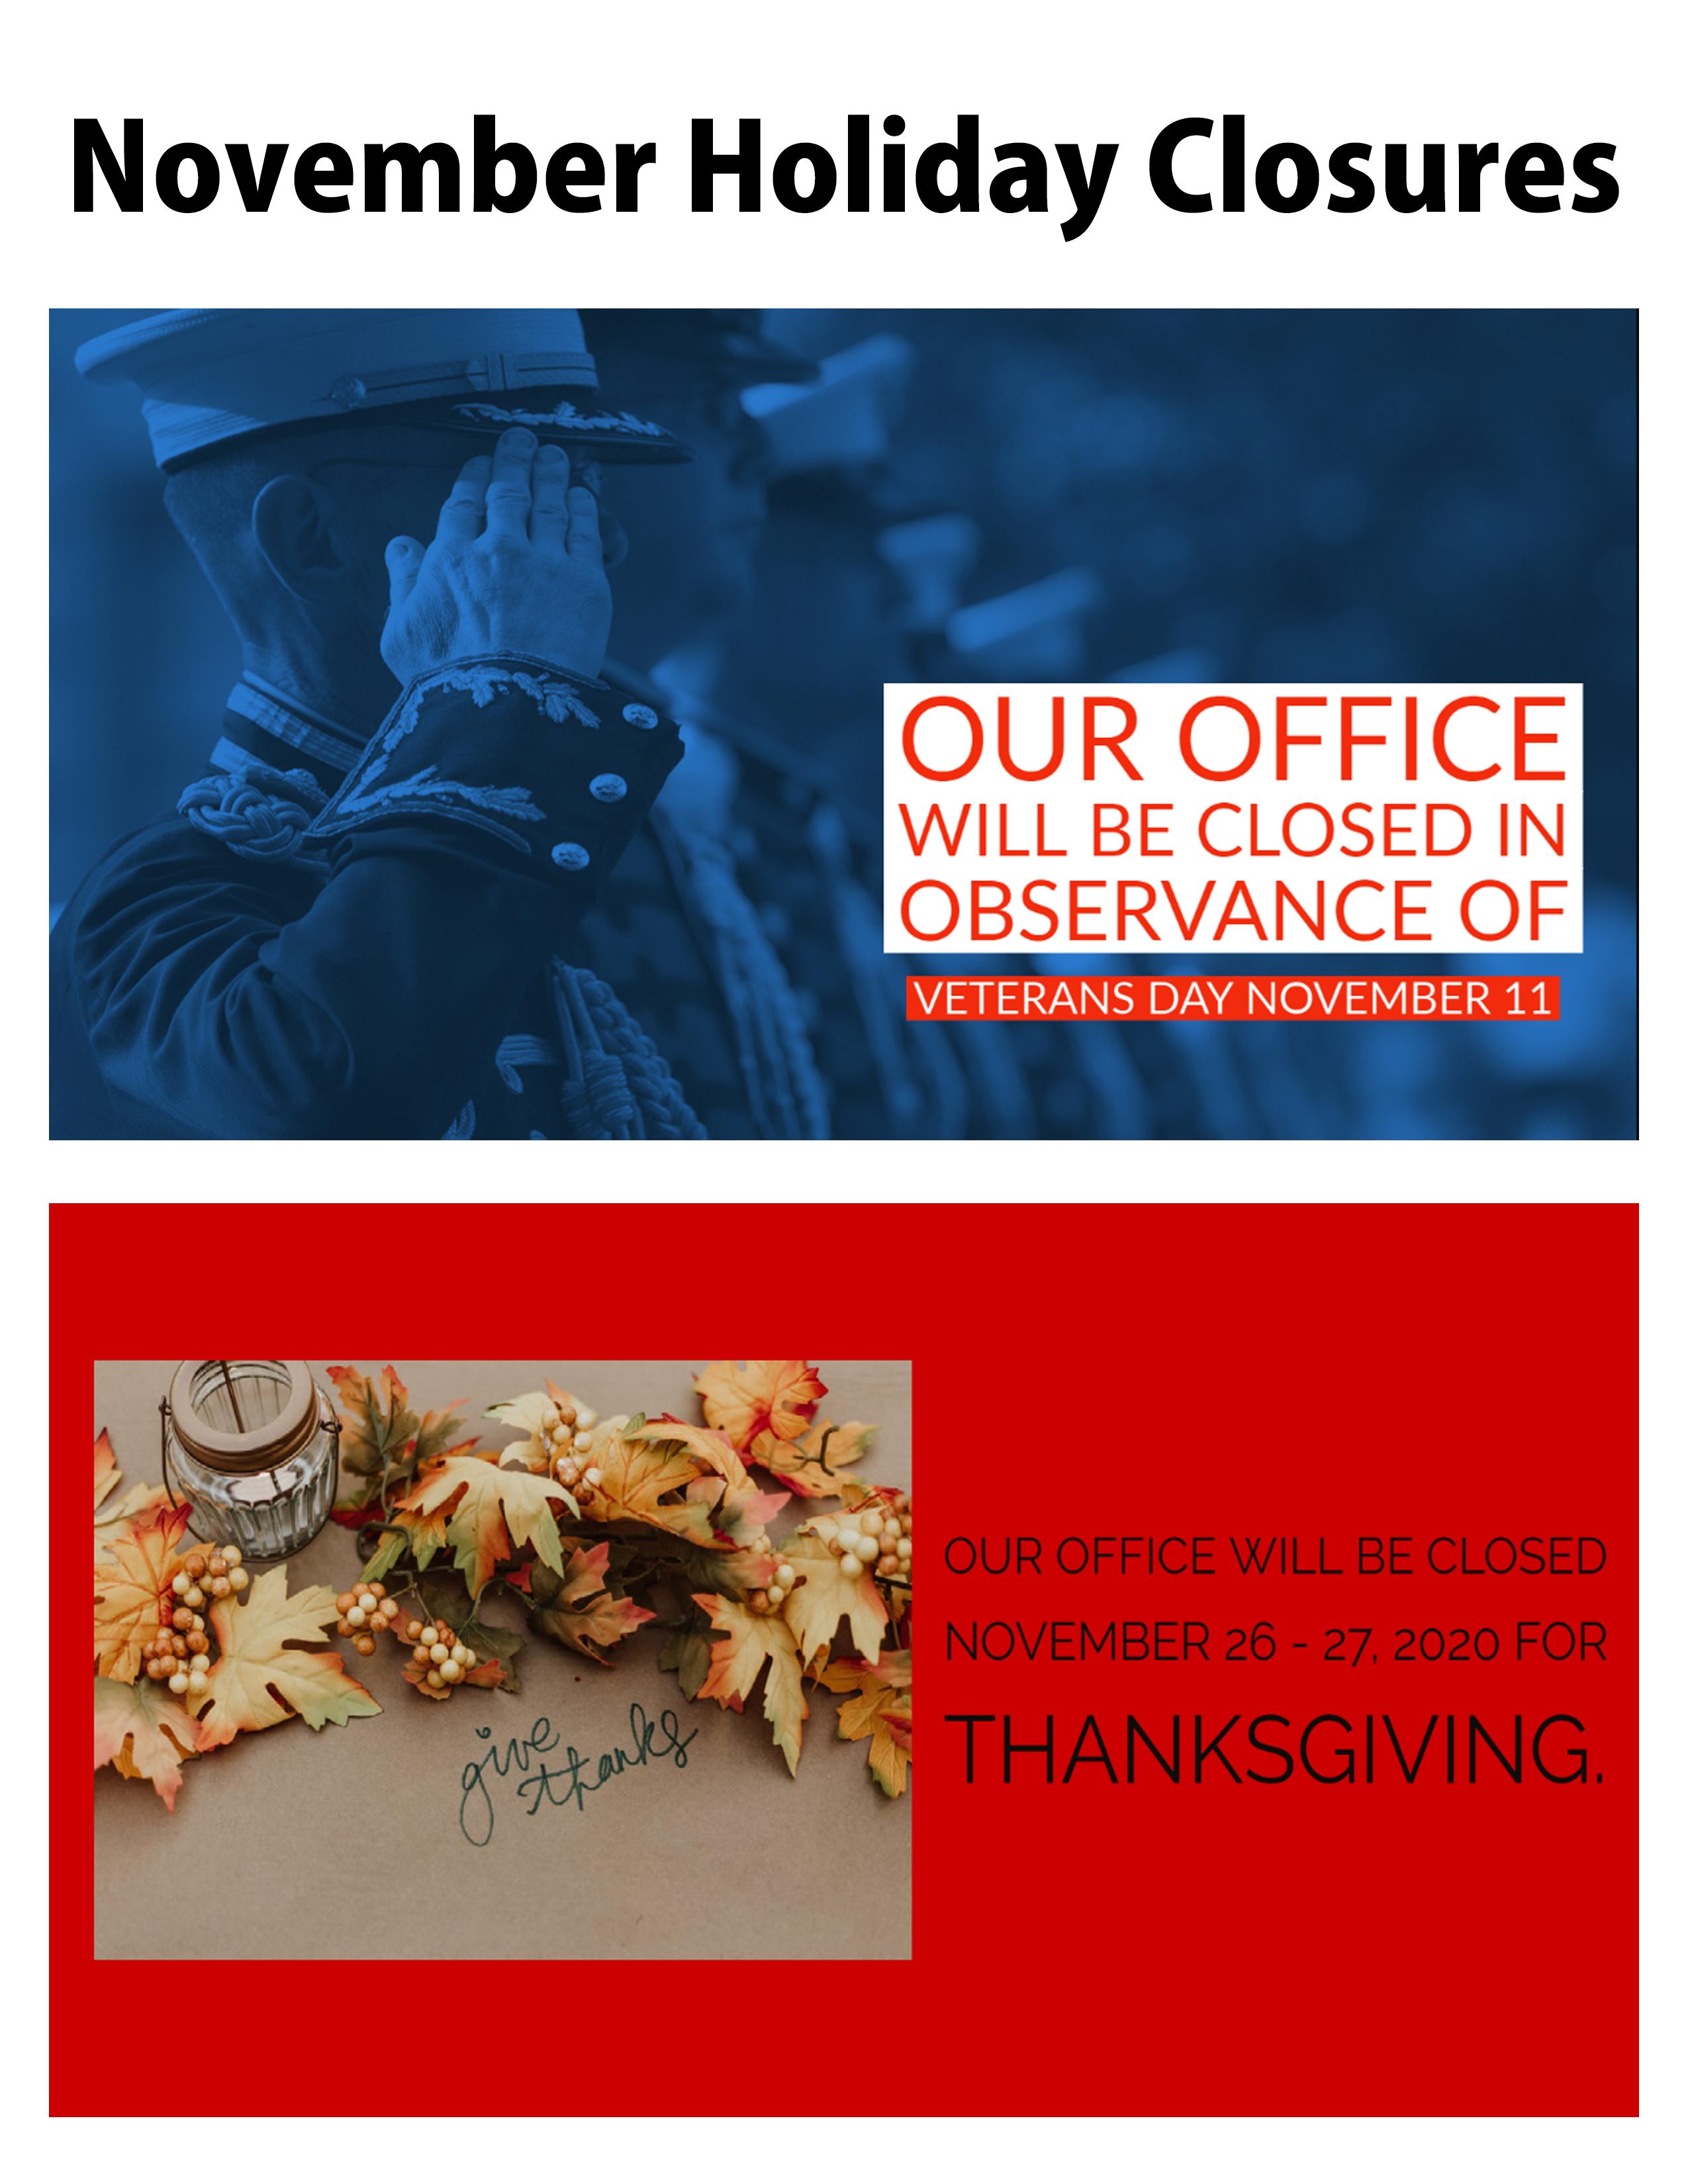 Holiday closure calendar